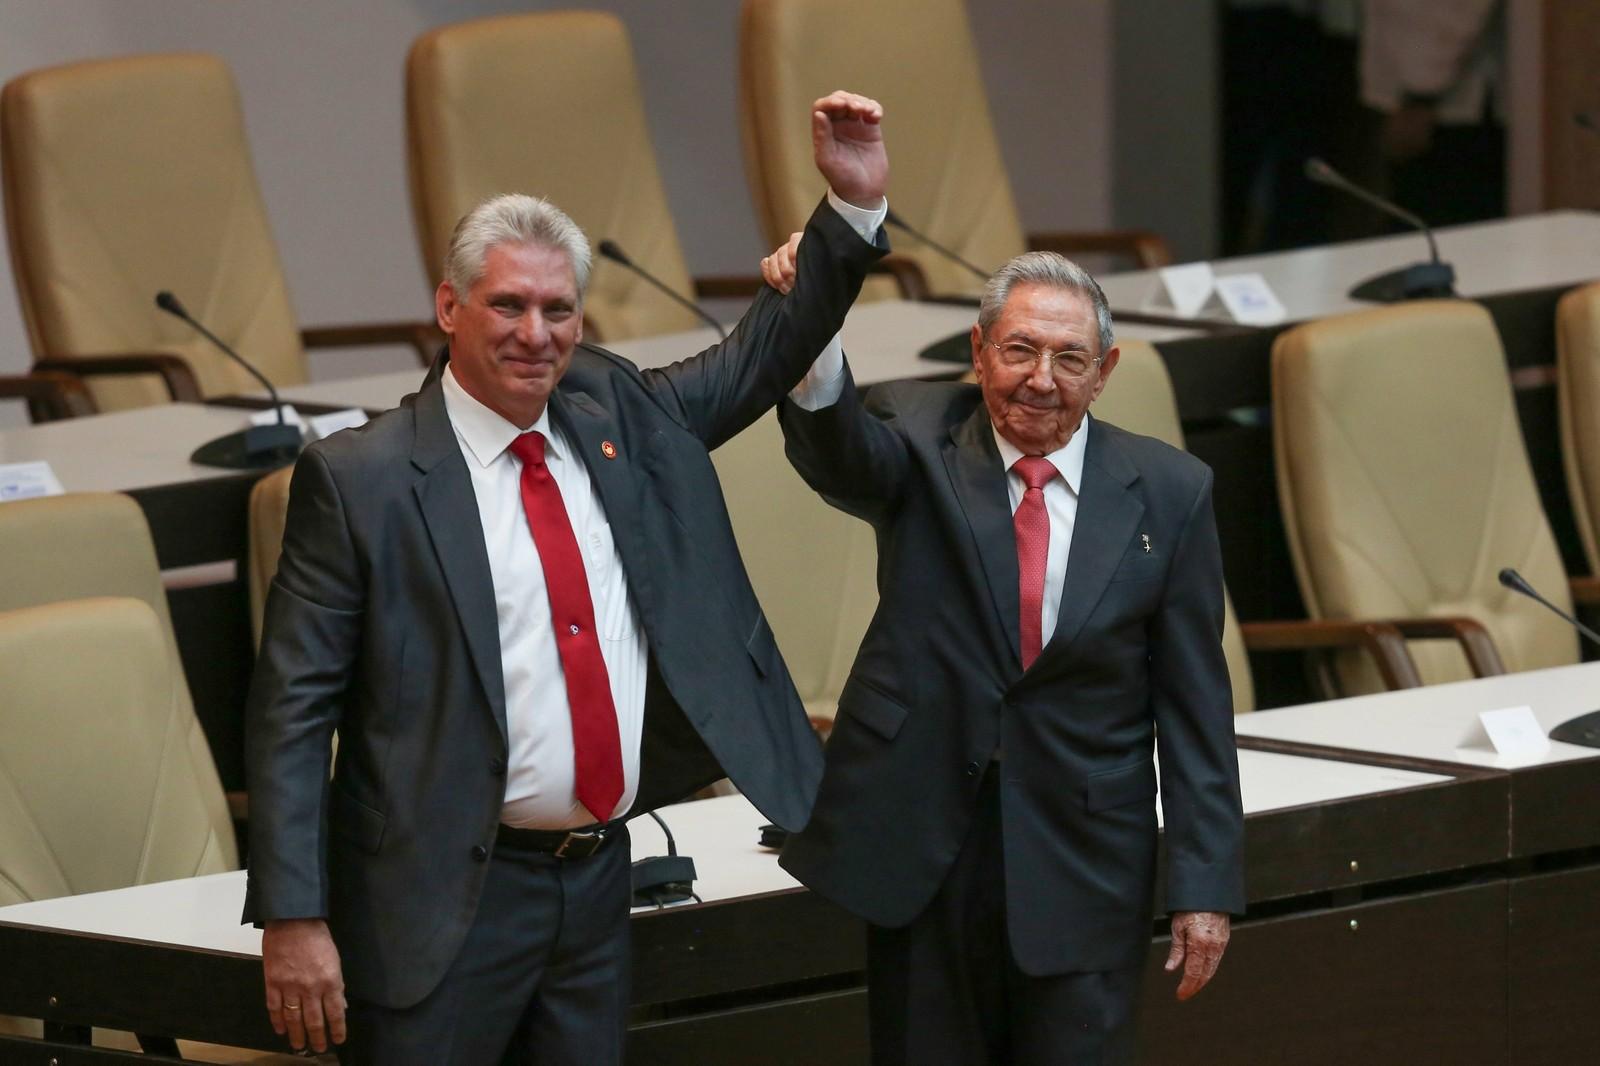 Novo presidente de Cuba, Miguel Diaz-Canel e Raúl Castro, durante a posse em 2018 — Foto: REUTERS/Alexandre Meneghini/Pool